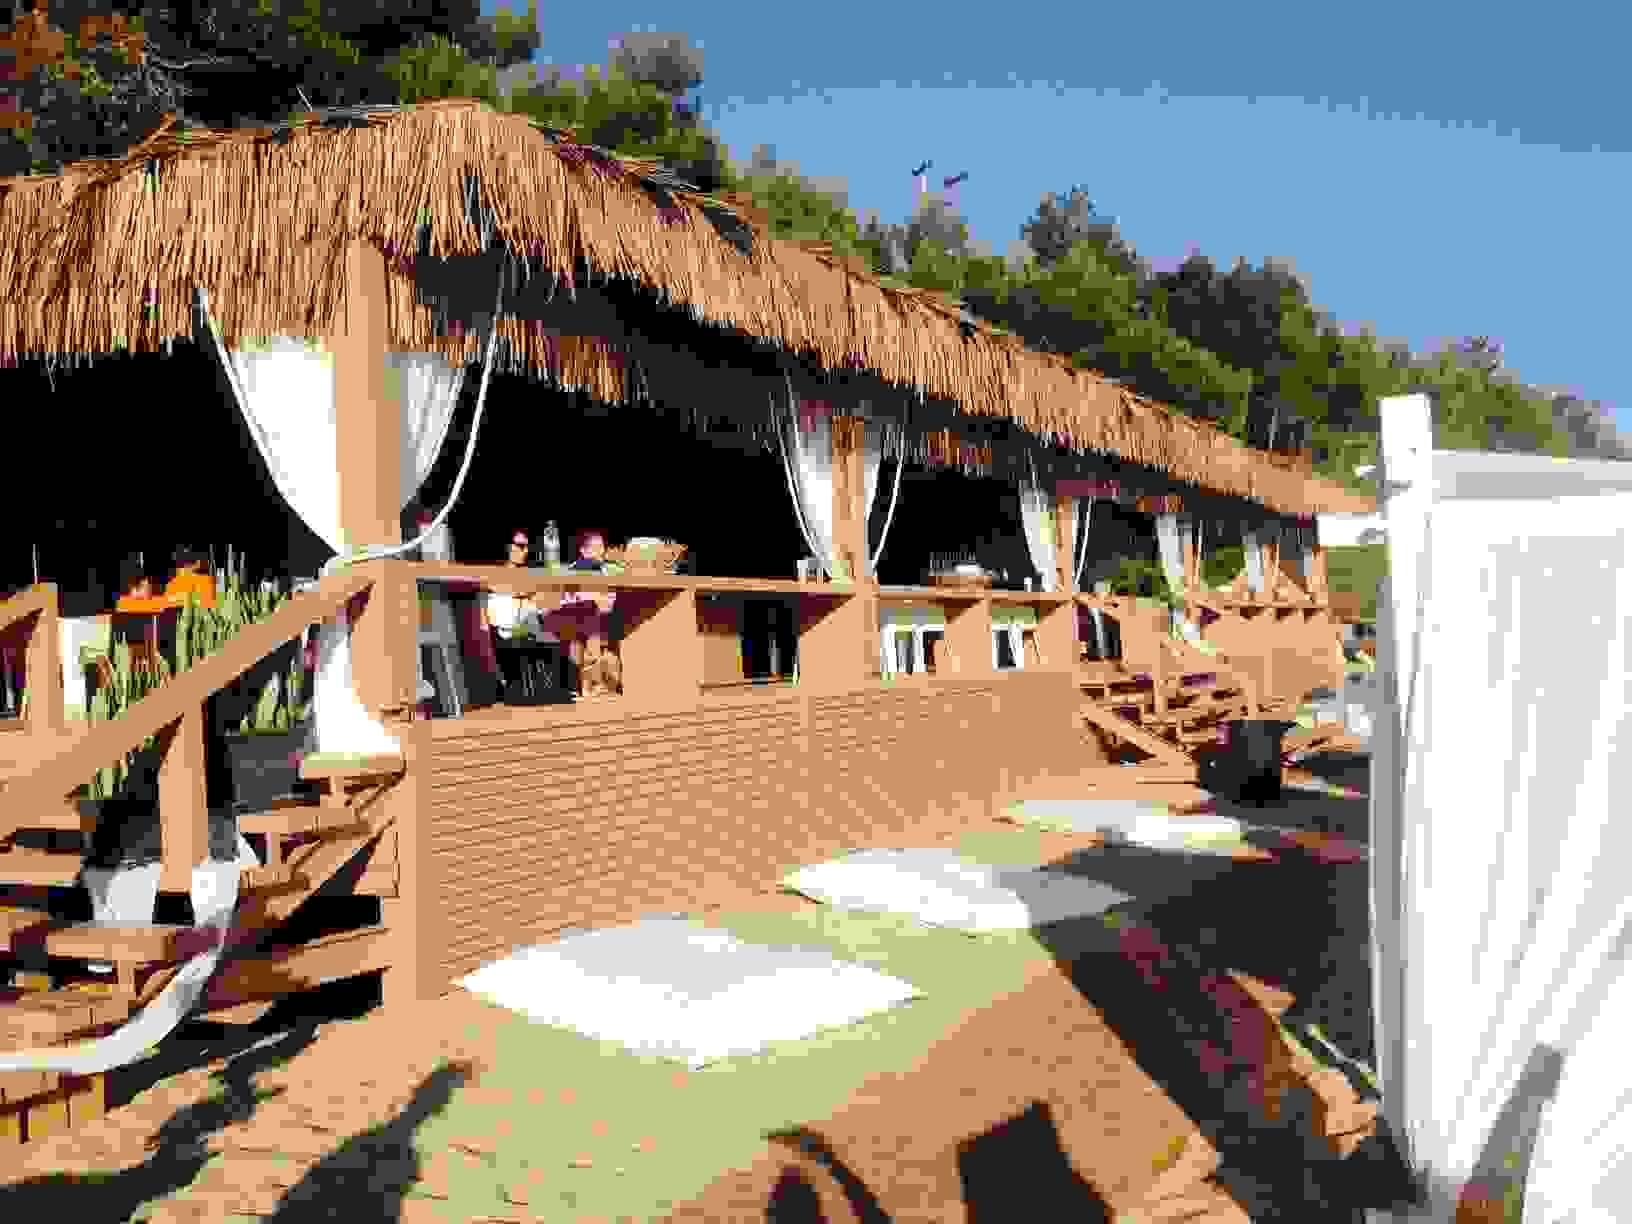 ΑΥΡΙΟ ΤΟ ΠΡΩΤΟ BEACH PARTY ΤΟΥ ΚΑΛΟΚΑΙΡΙΟΥ ΣΤ COSTA-COSTA-Ο ΑΛΕΞ ΑΠΕΥΘΥΝΕΙ ΑΝΟΙΧΤΗ ΠΡΟΣΚΛΗΣΗ (ΒΙΝΤΕΟ)